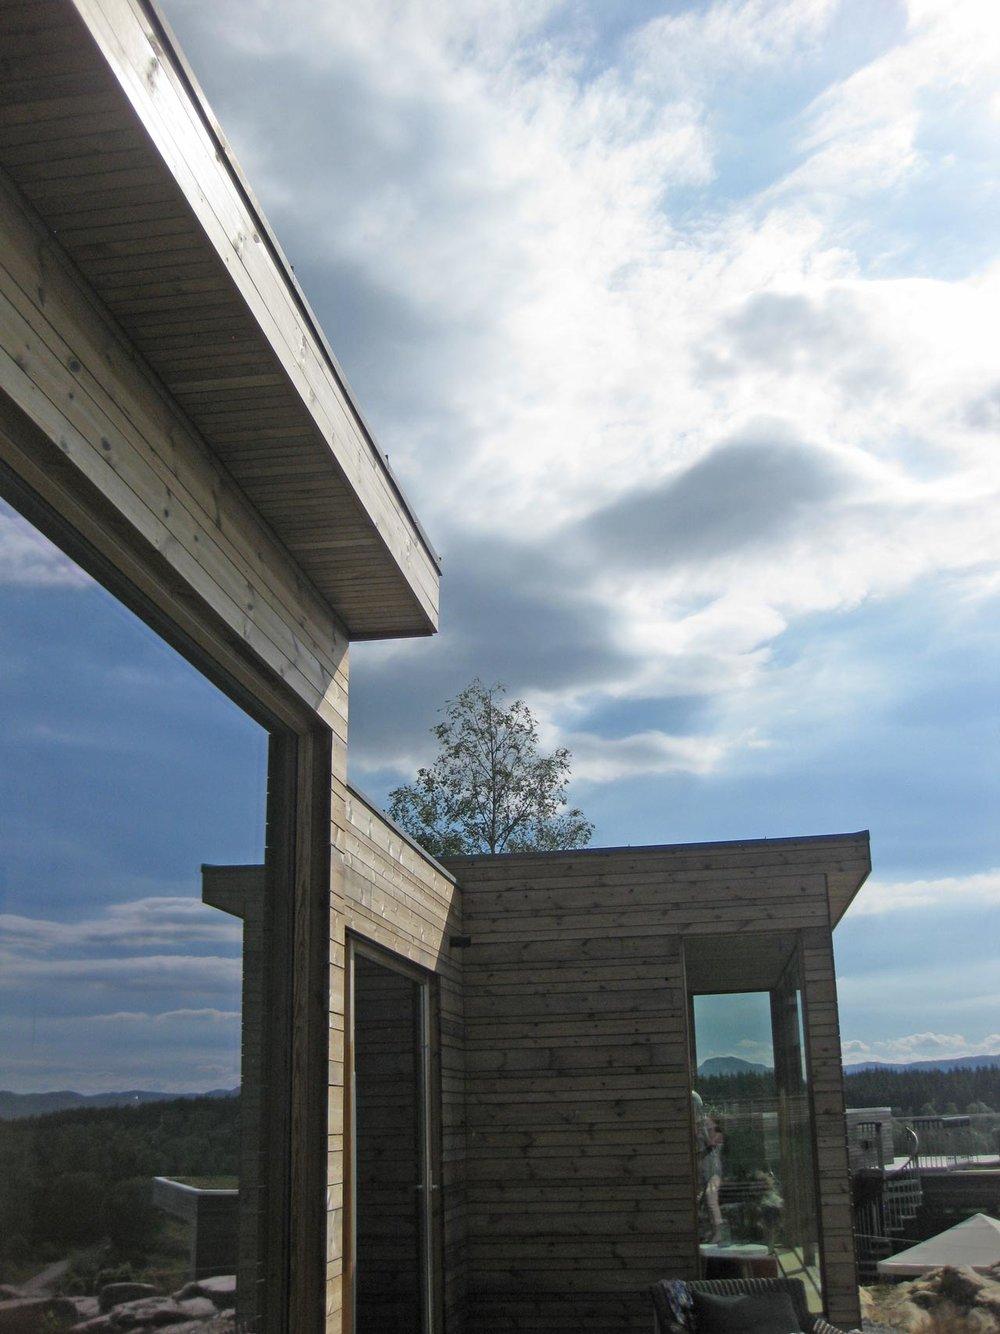 arkitekt_kolstø_nybygg_moderne_enebolig_flatttak_tysvær_trekledning_4av7.jpg